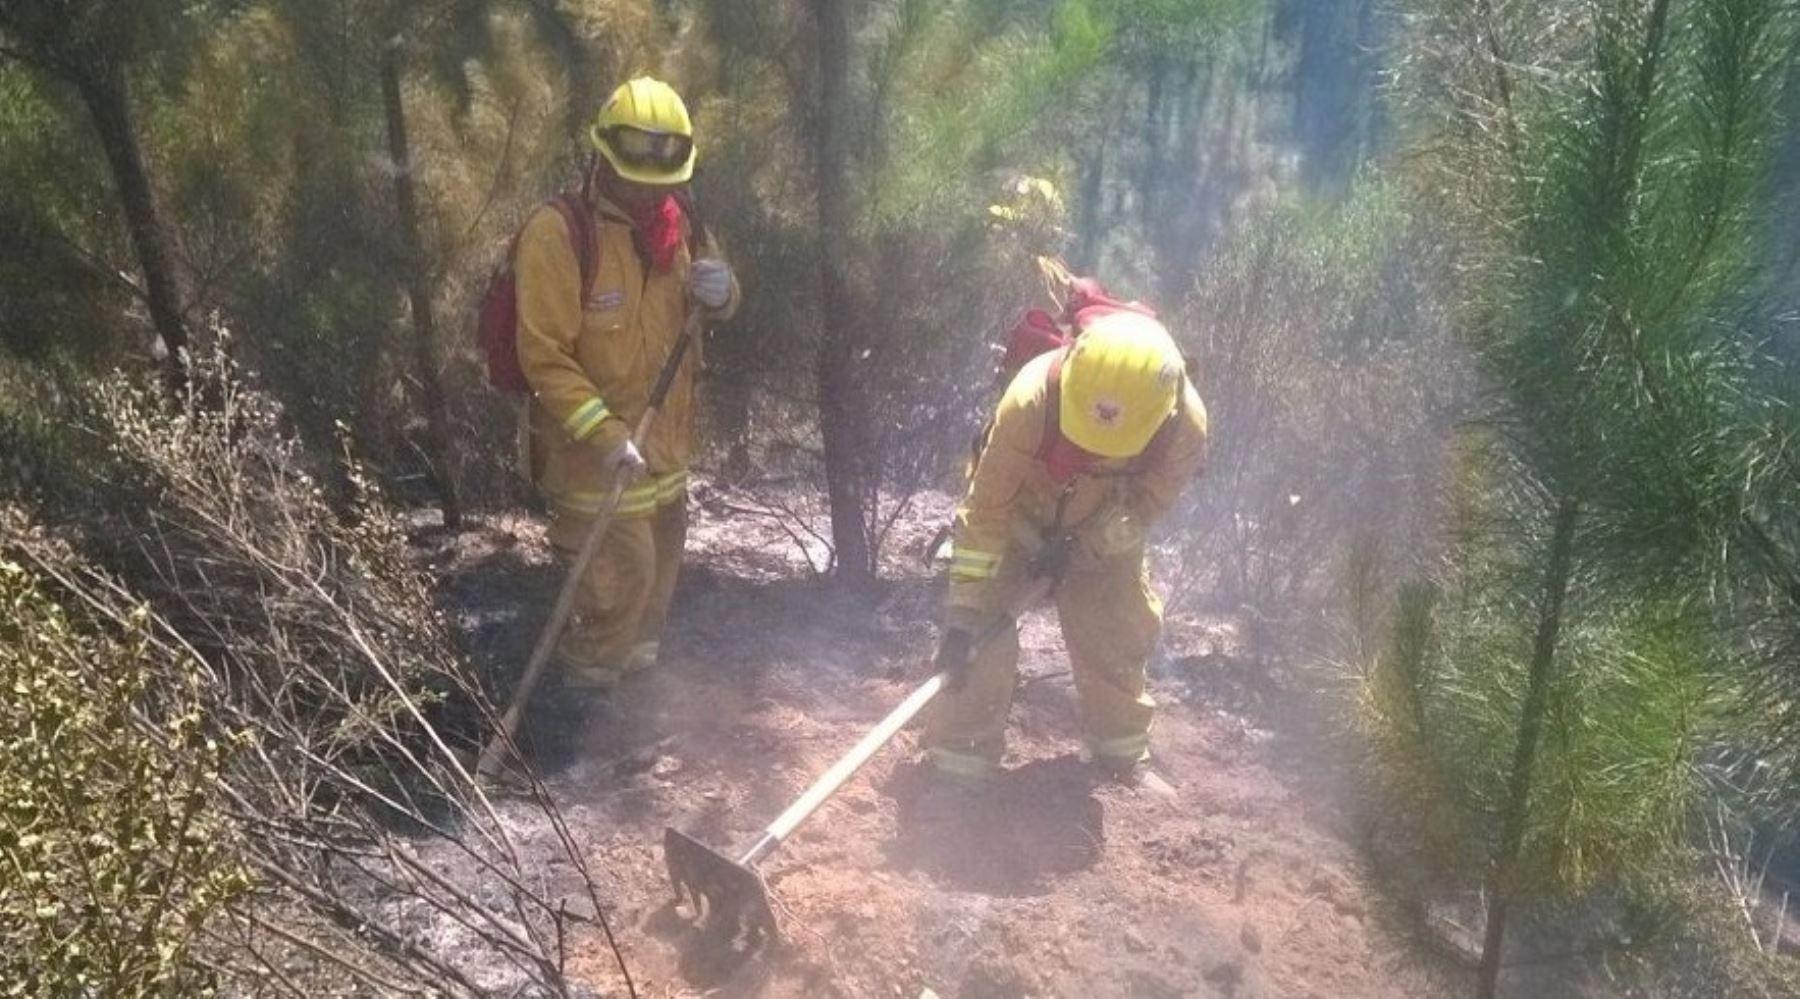 La brigada de 20 guardaparques bomberos forestales del Servicio Nacional de Áreas Naturales Protegidas por el Estado (Sernanp) colaboraron durante 15 días en las labores de control del incendio forestal que se registró en Chile.